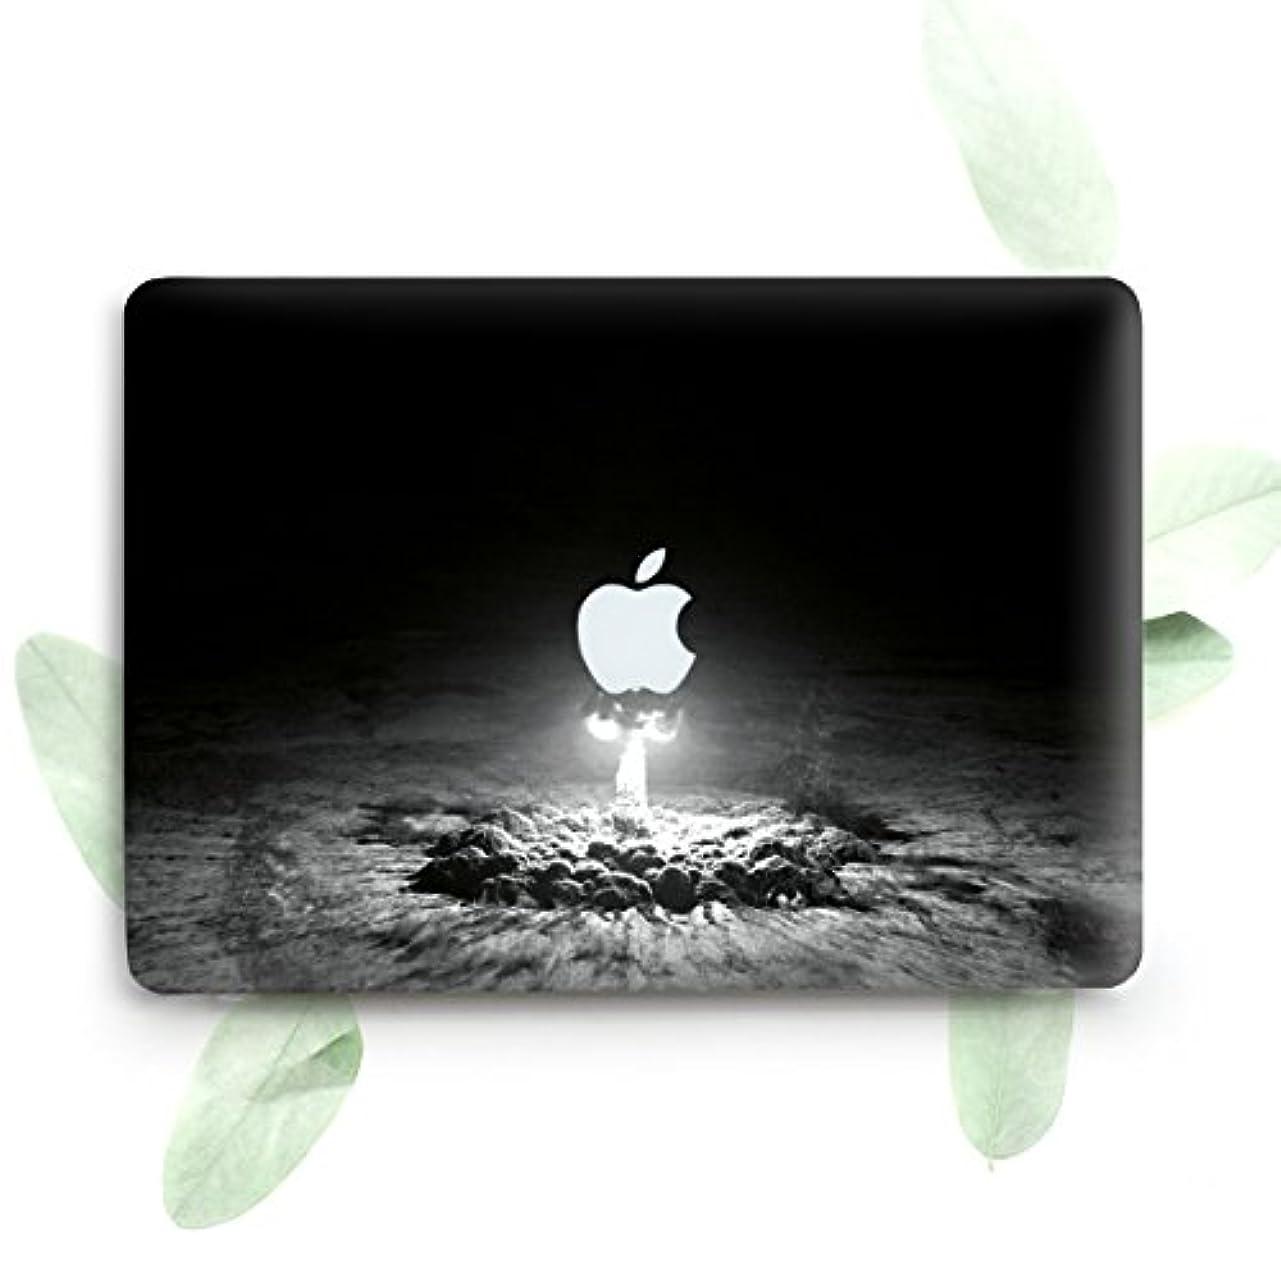 熱心ピボット十一zvstore保護シェルスリーブプラスチックハードProケースfor MacBook Air 11 (A1370 & 1465) ZV2018